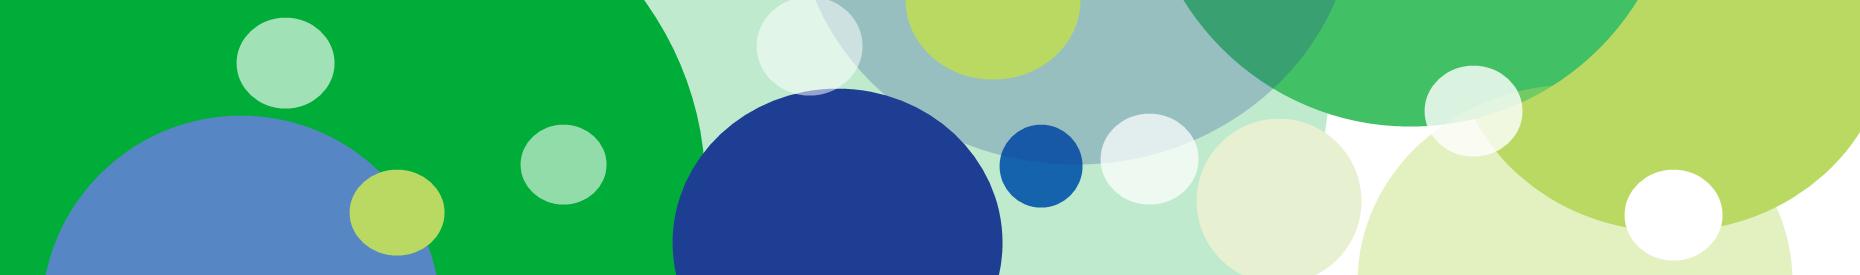 2021年4月7日(水)自然エネルギー100%プラットフォームウェビナー 「2050年カーボンニュートラルを実現へ〜自然エネルギー100%実現のビジョン~」